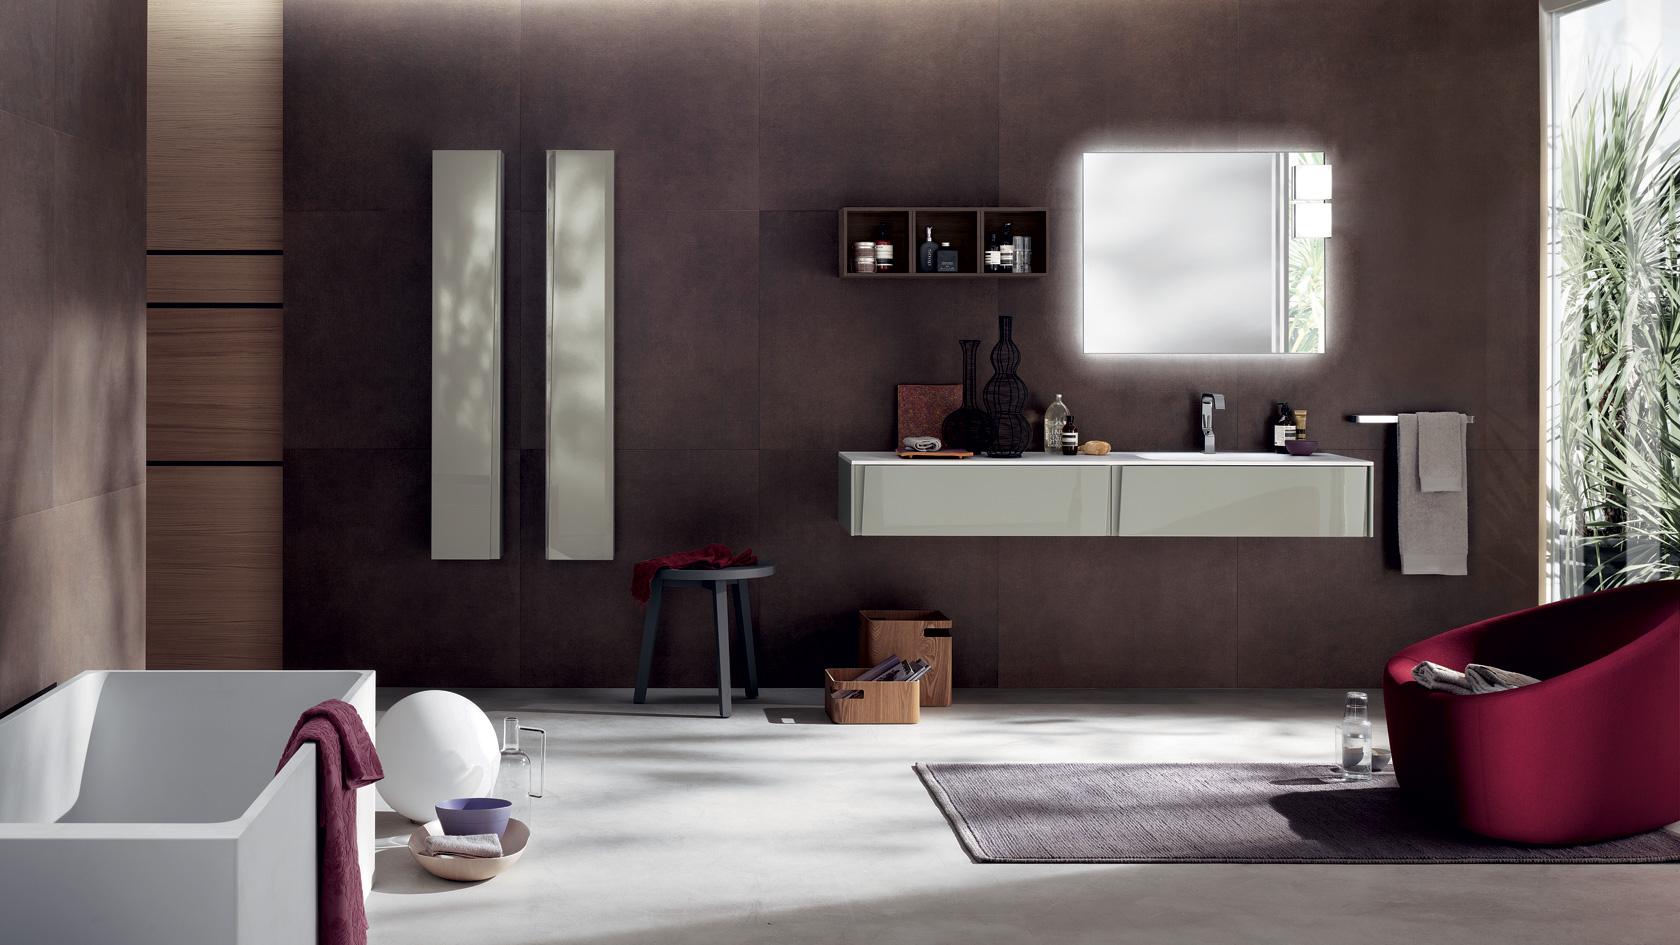 Mobili bagno moderni scegli il design e l 39 eleganza scavolini - Scavolini mobili bagno ...